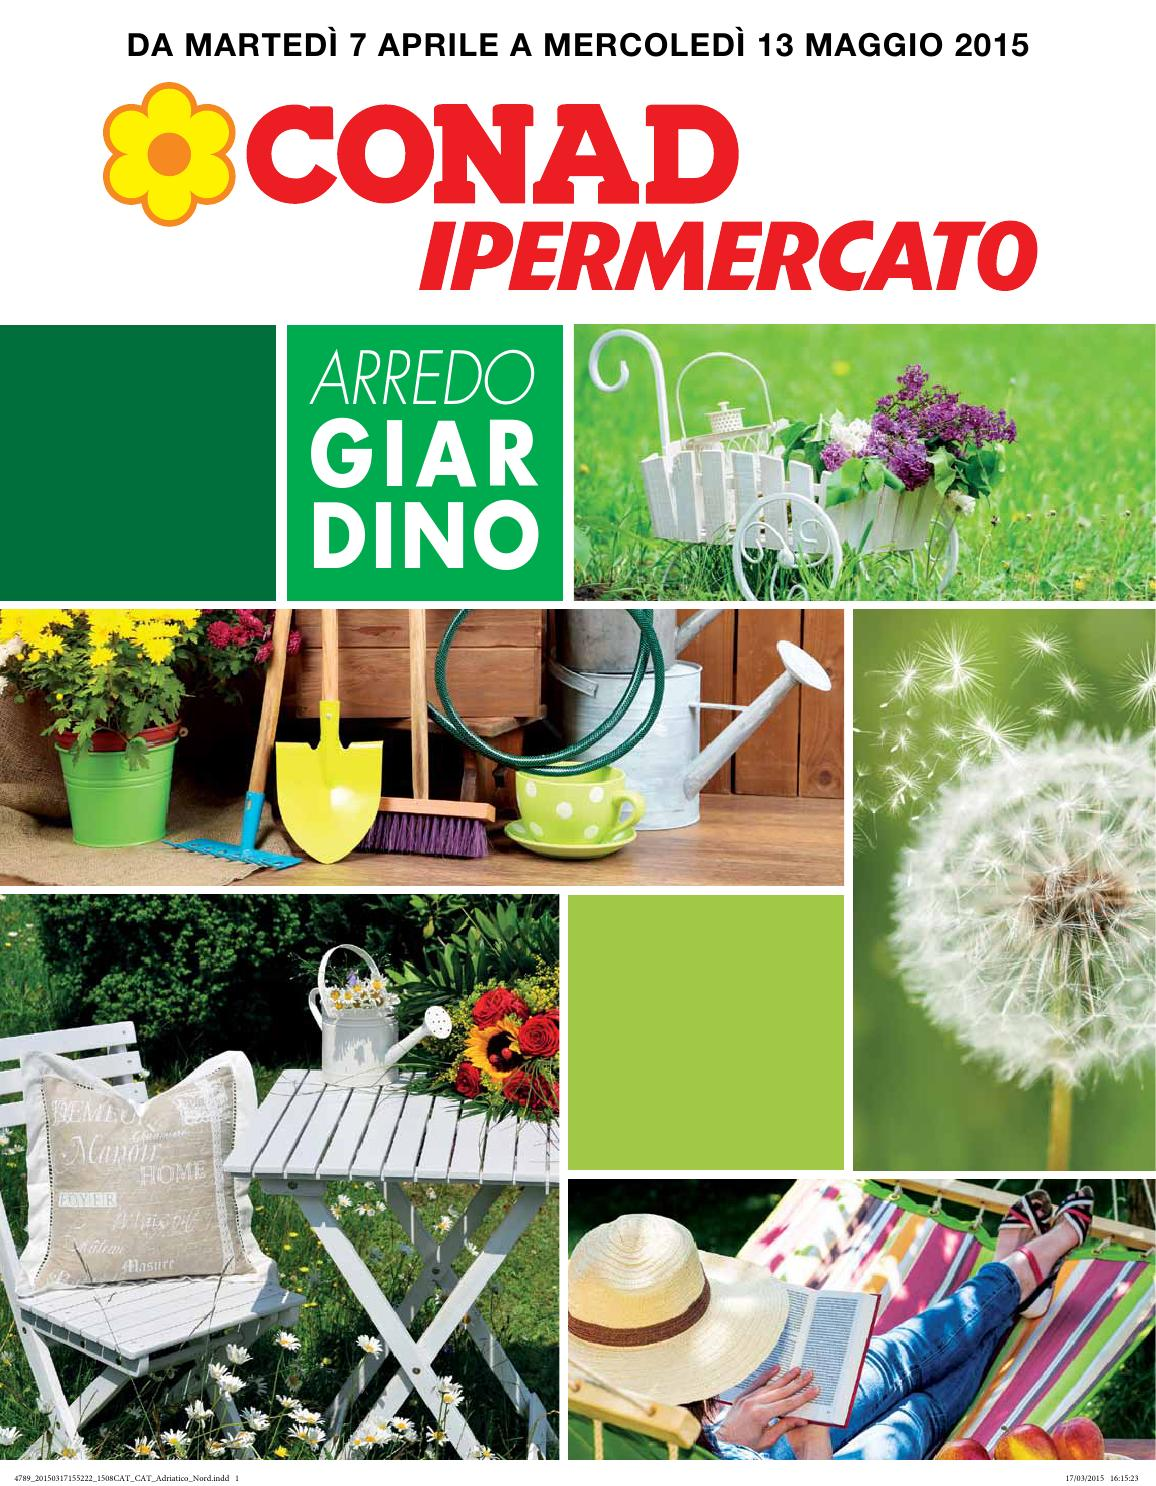 Offerte arredo giardino conad fasano da marted 7 aprile a for Offerte arredamento da giardino